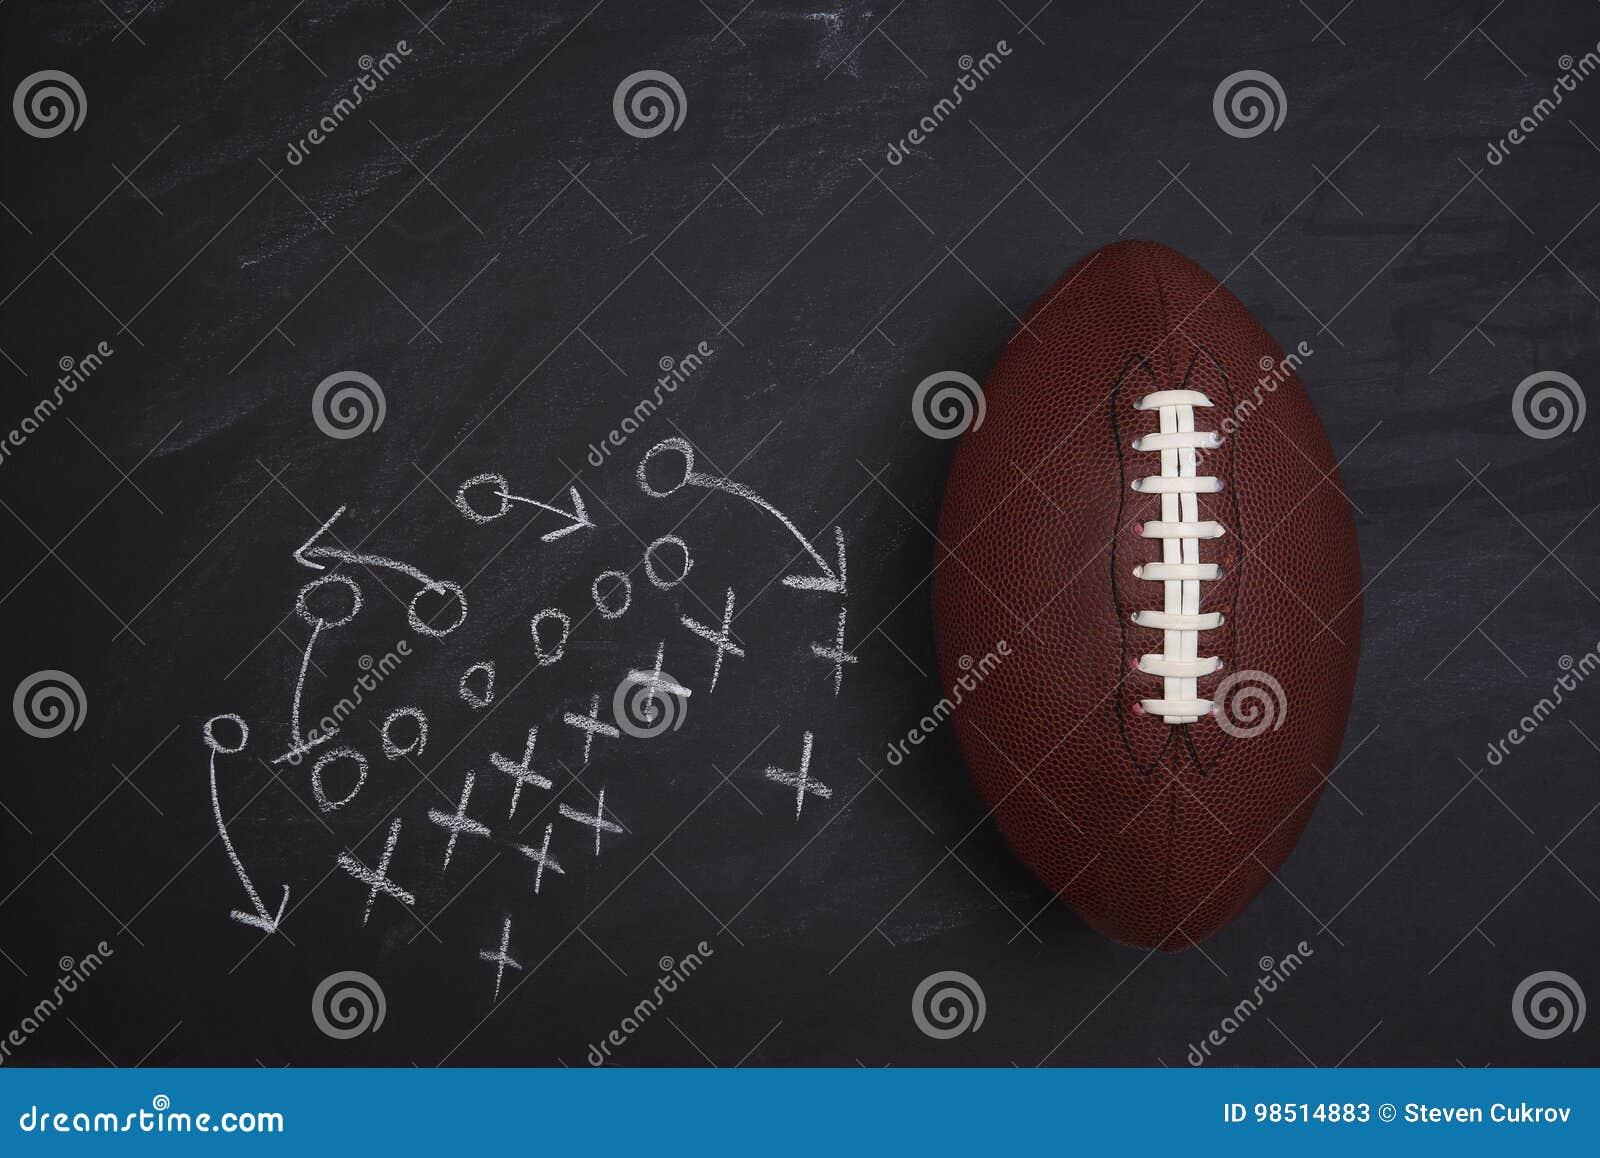 Diagrama do futebol americano e do jogo